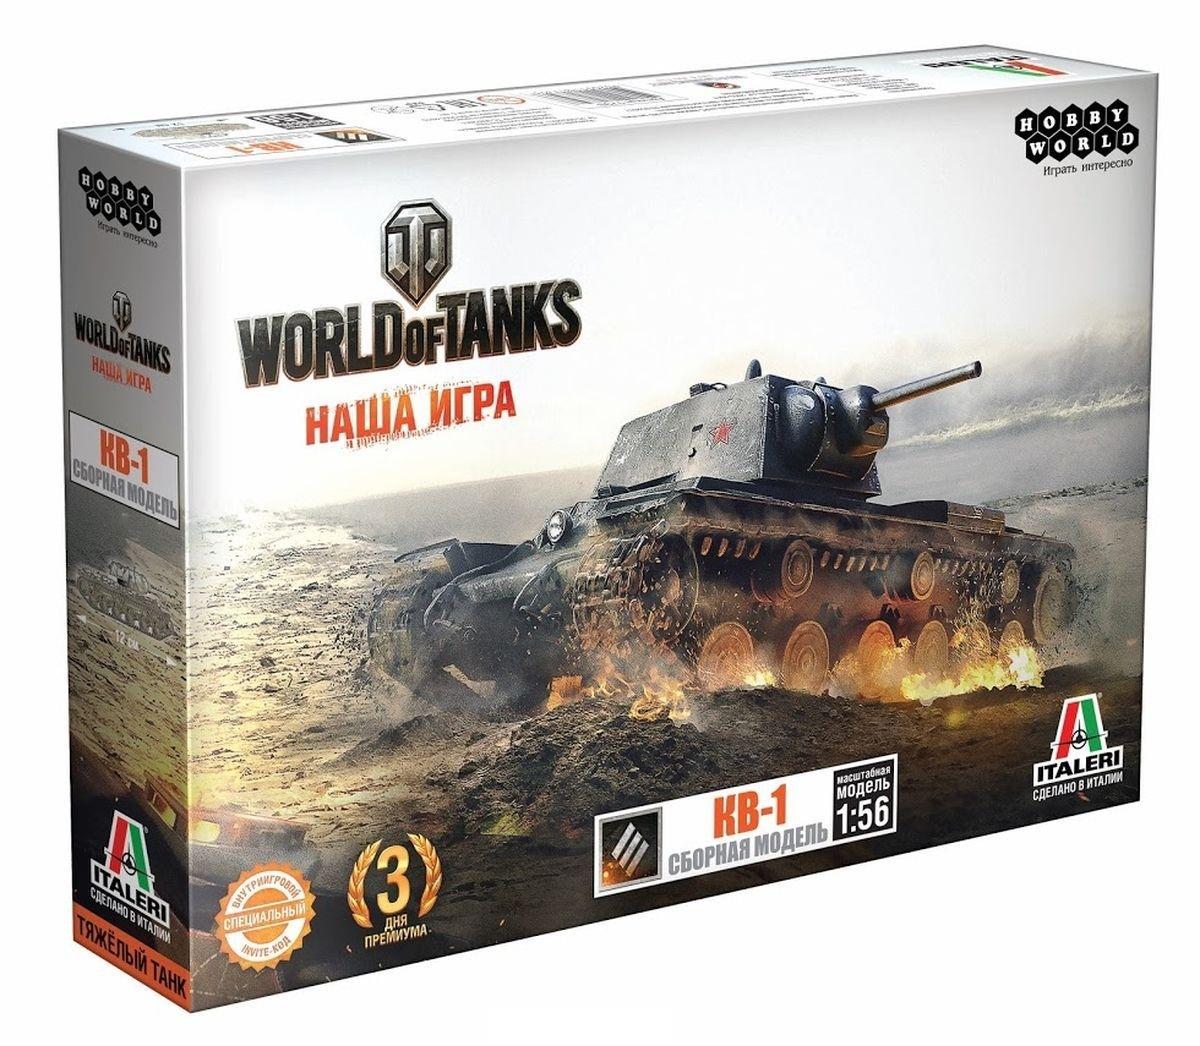 World of Tanks. КВ-1. Масштабная модель 1 56 (Сборный танк) как танк в игре world of tanks не прокачивая его